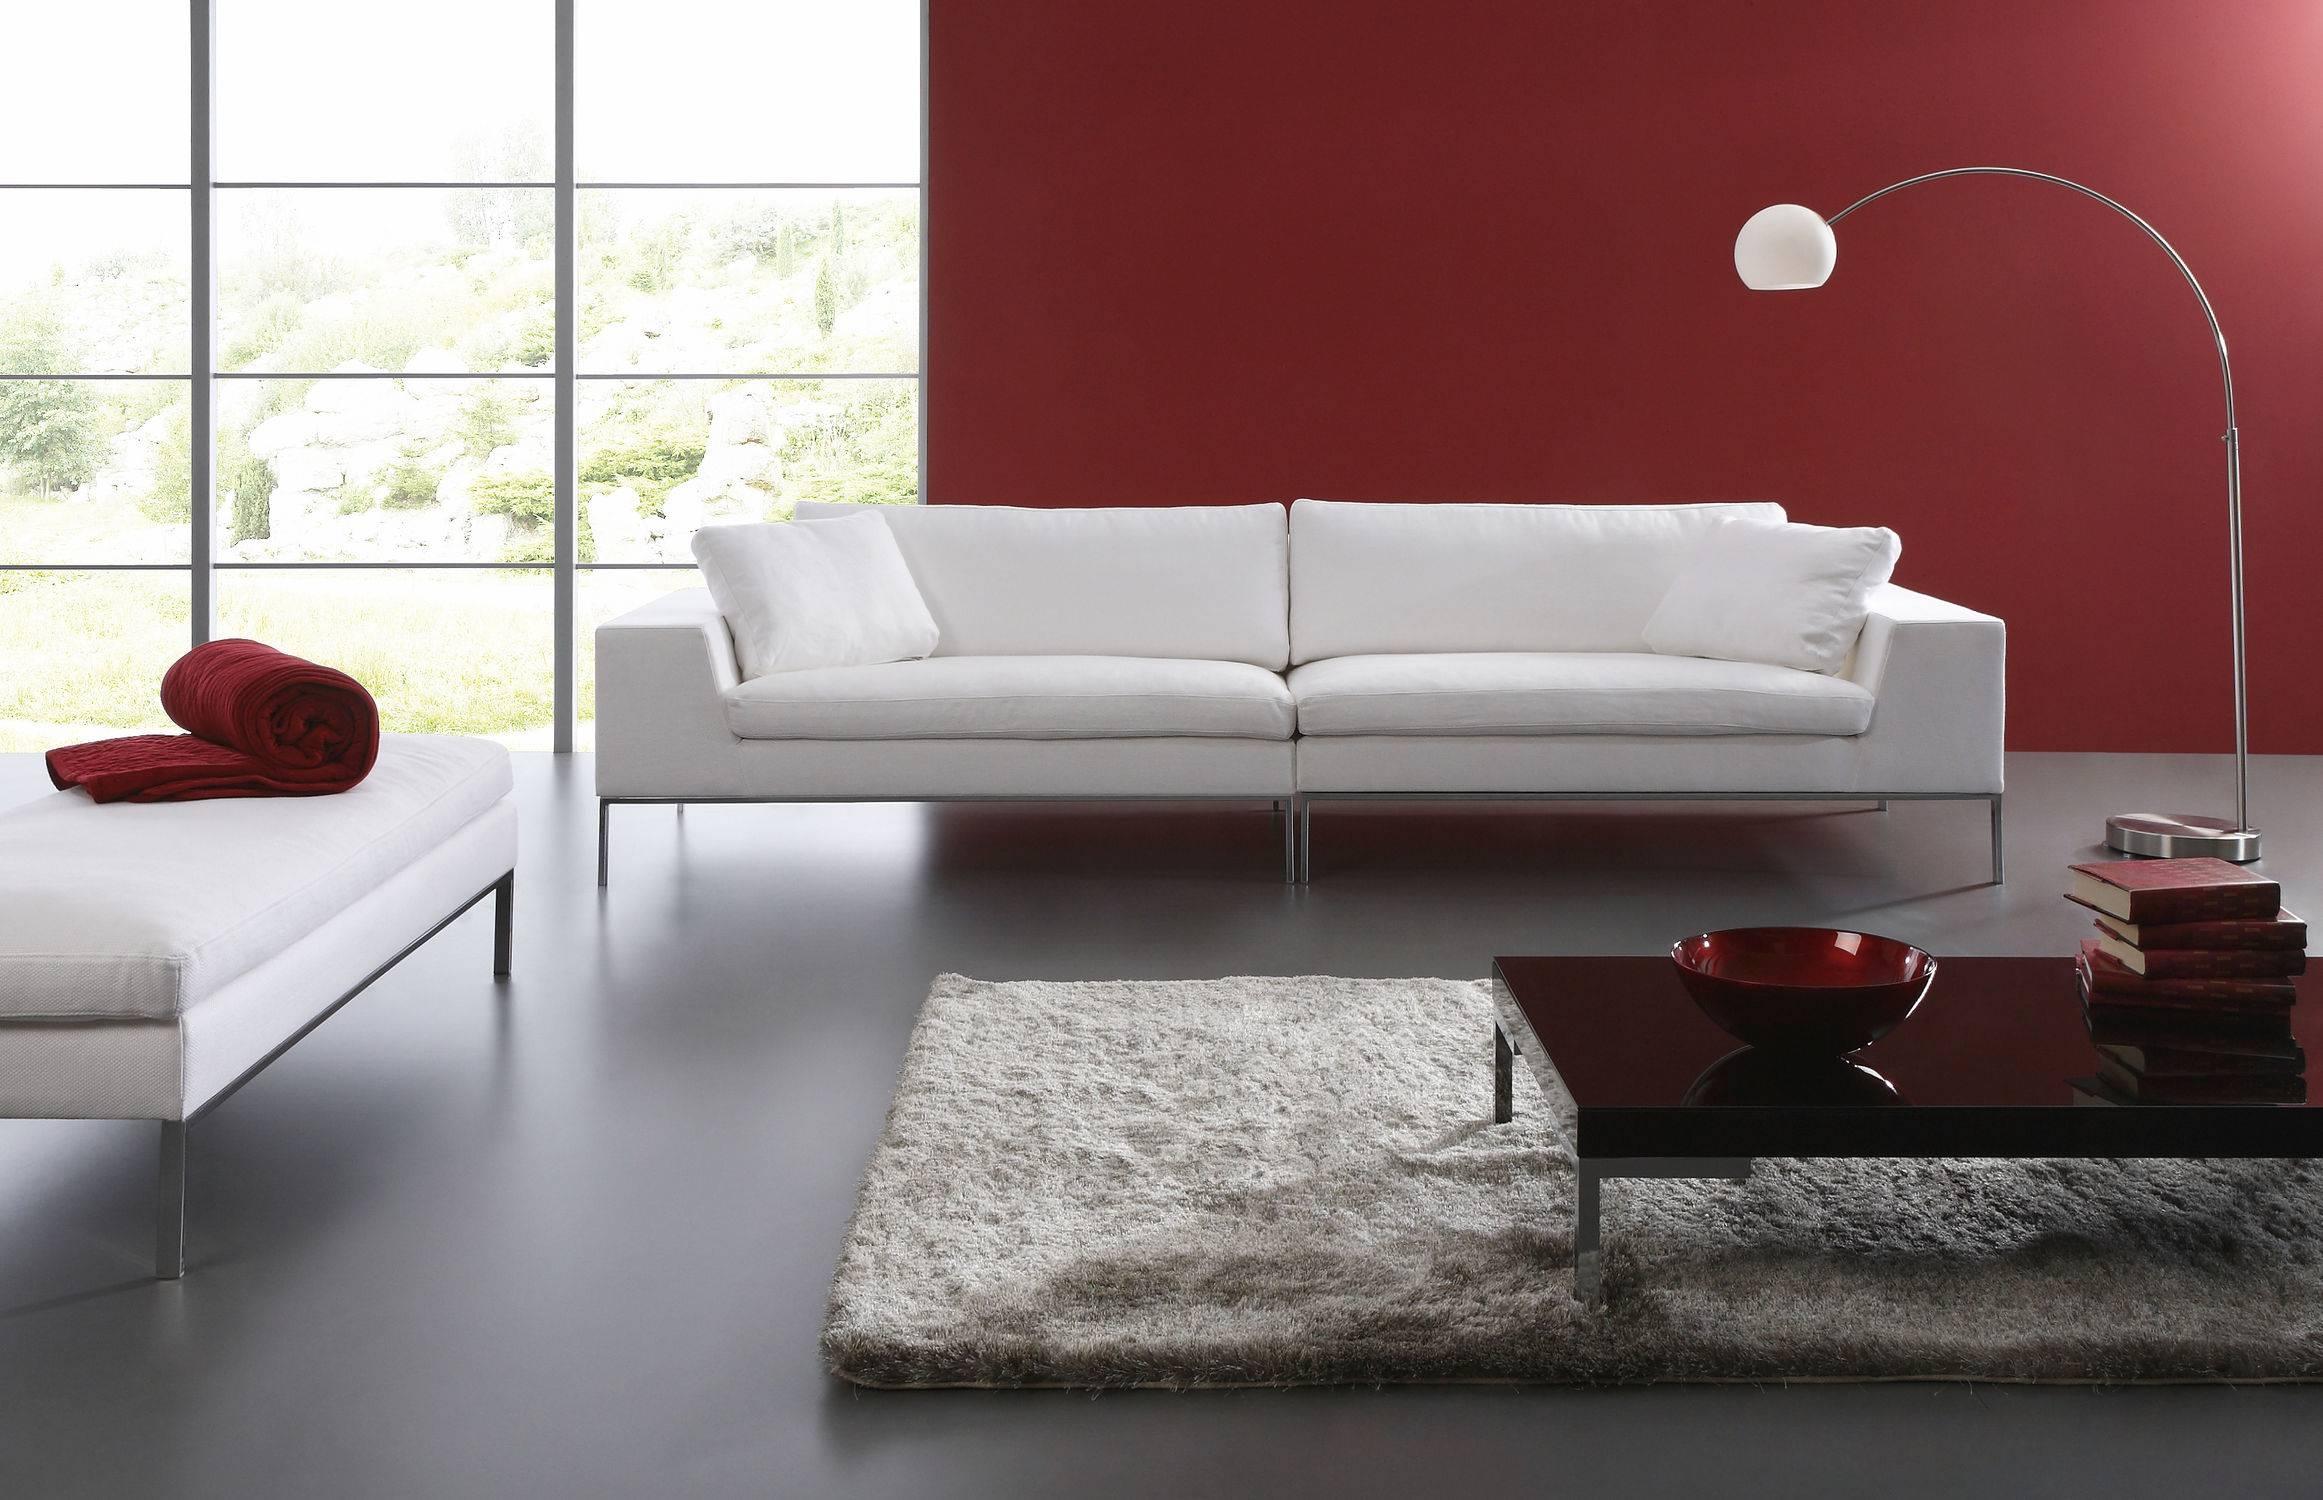 Epic Contemporary Sofas 39 Sofa Design Ideas With Contemporary Sofas in Modern Sofas (Image 6 of 15)